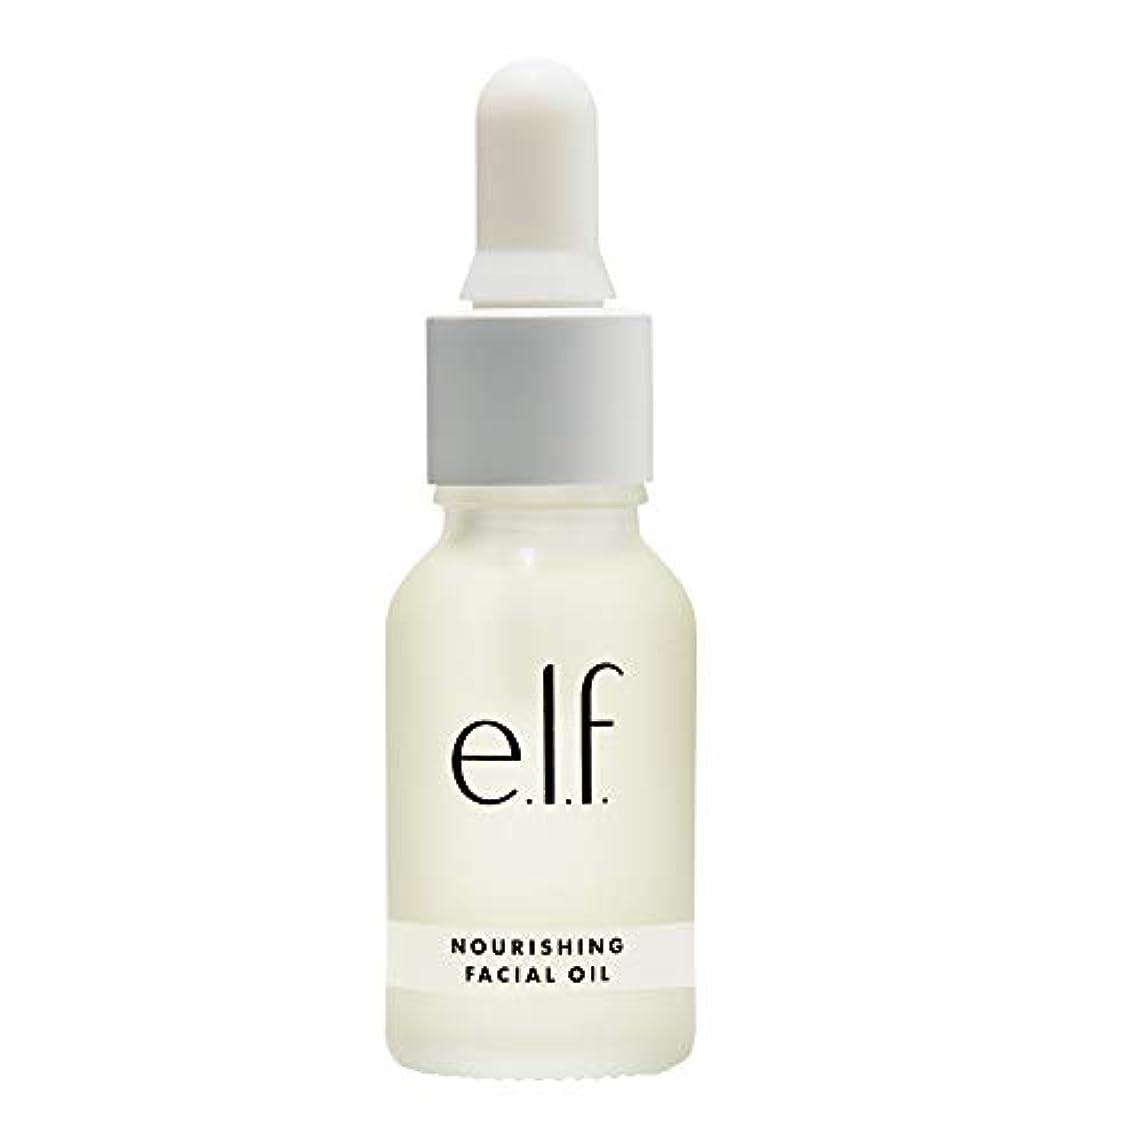 数学放棄教師の日e.l.f. Nourishing Facial Oil (並行輸入品)